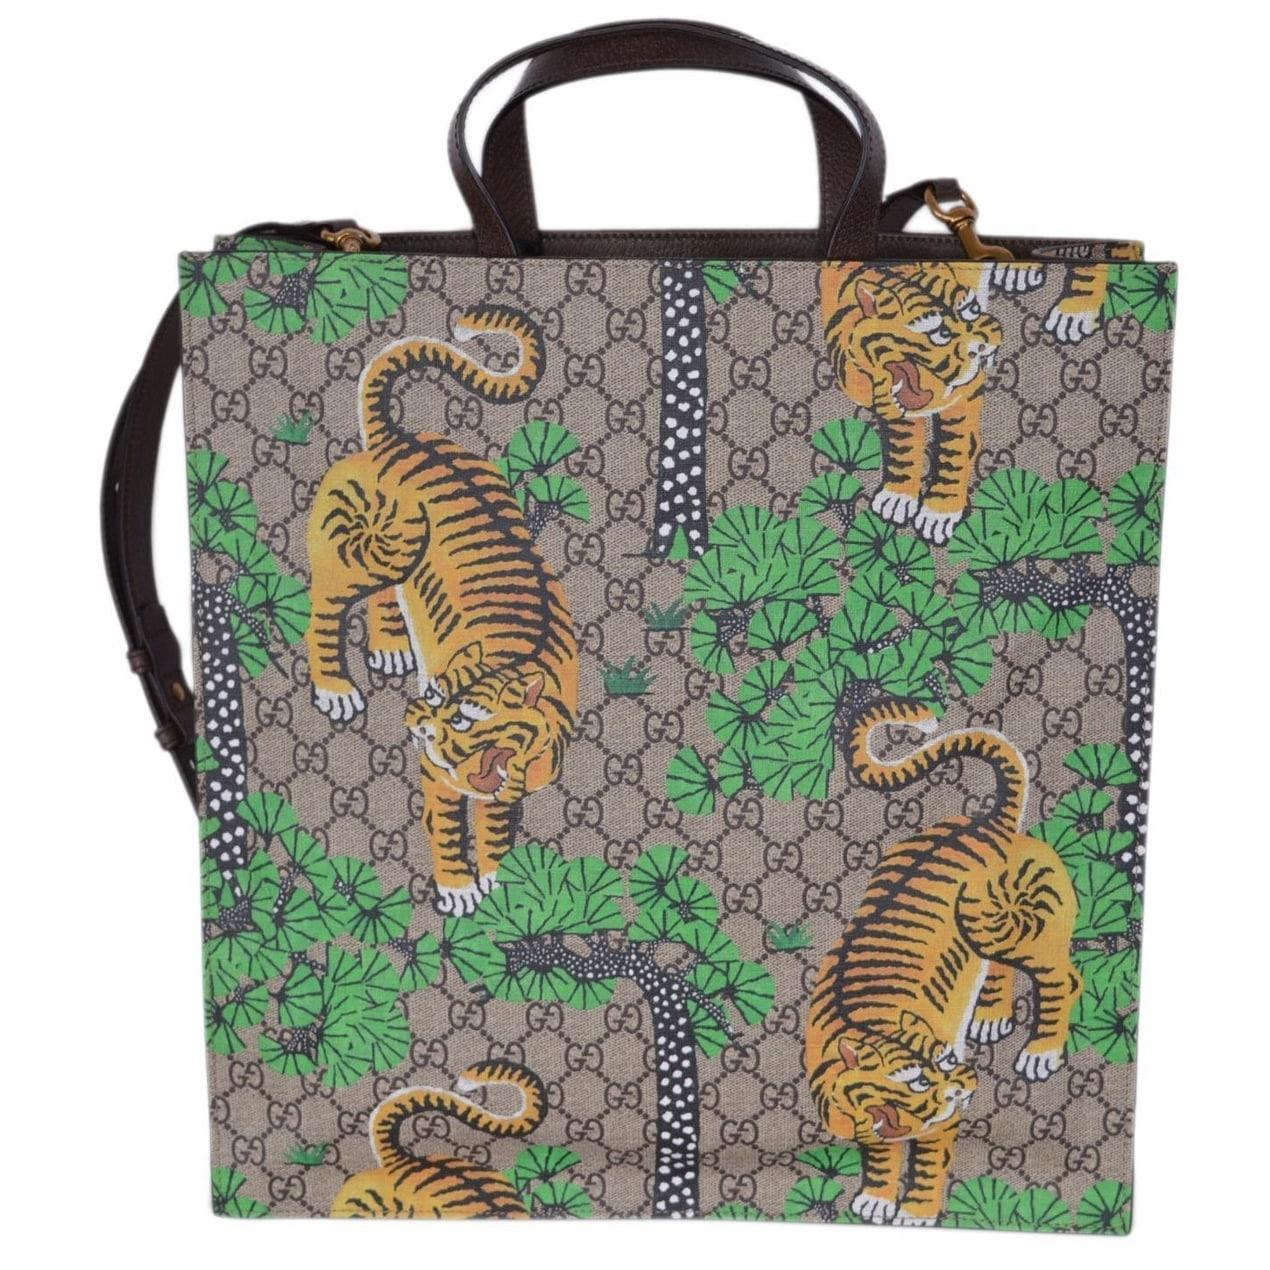 02a3eb5ca6c6 Shop Gucci Women's GG Supreme Bengal Tiger Crossbody Purse Tote - Multi -  14